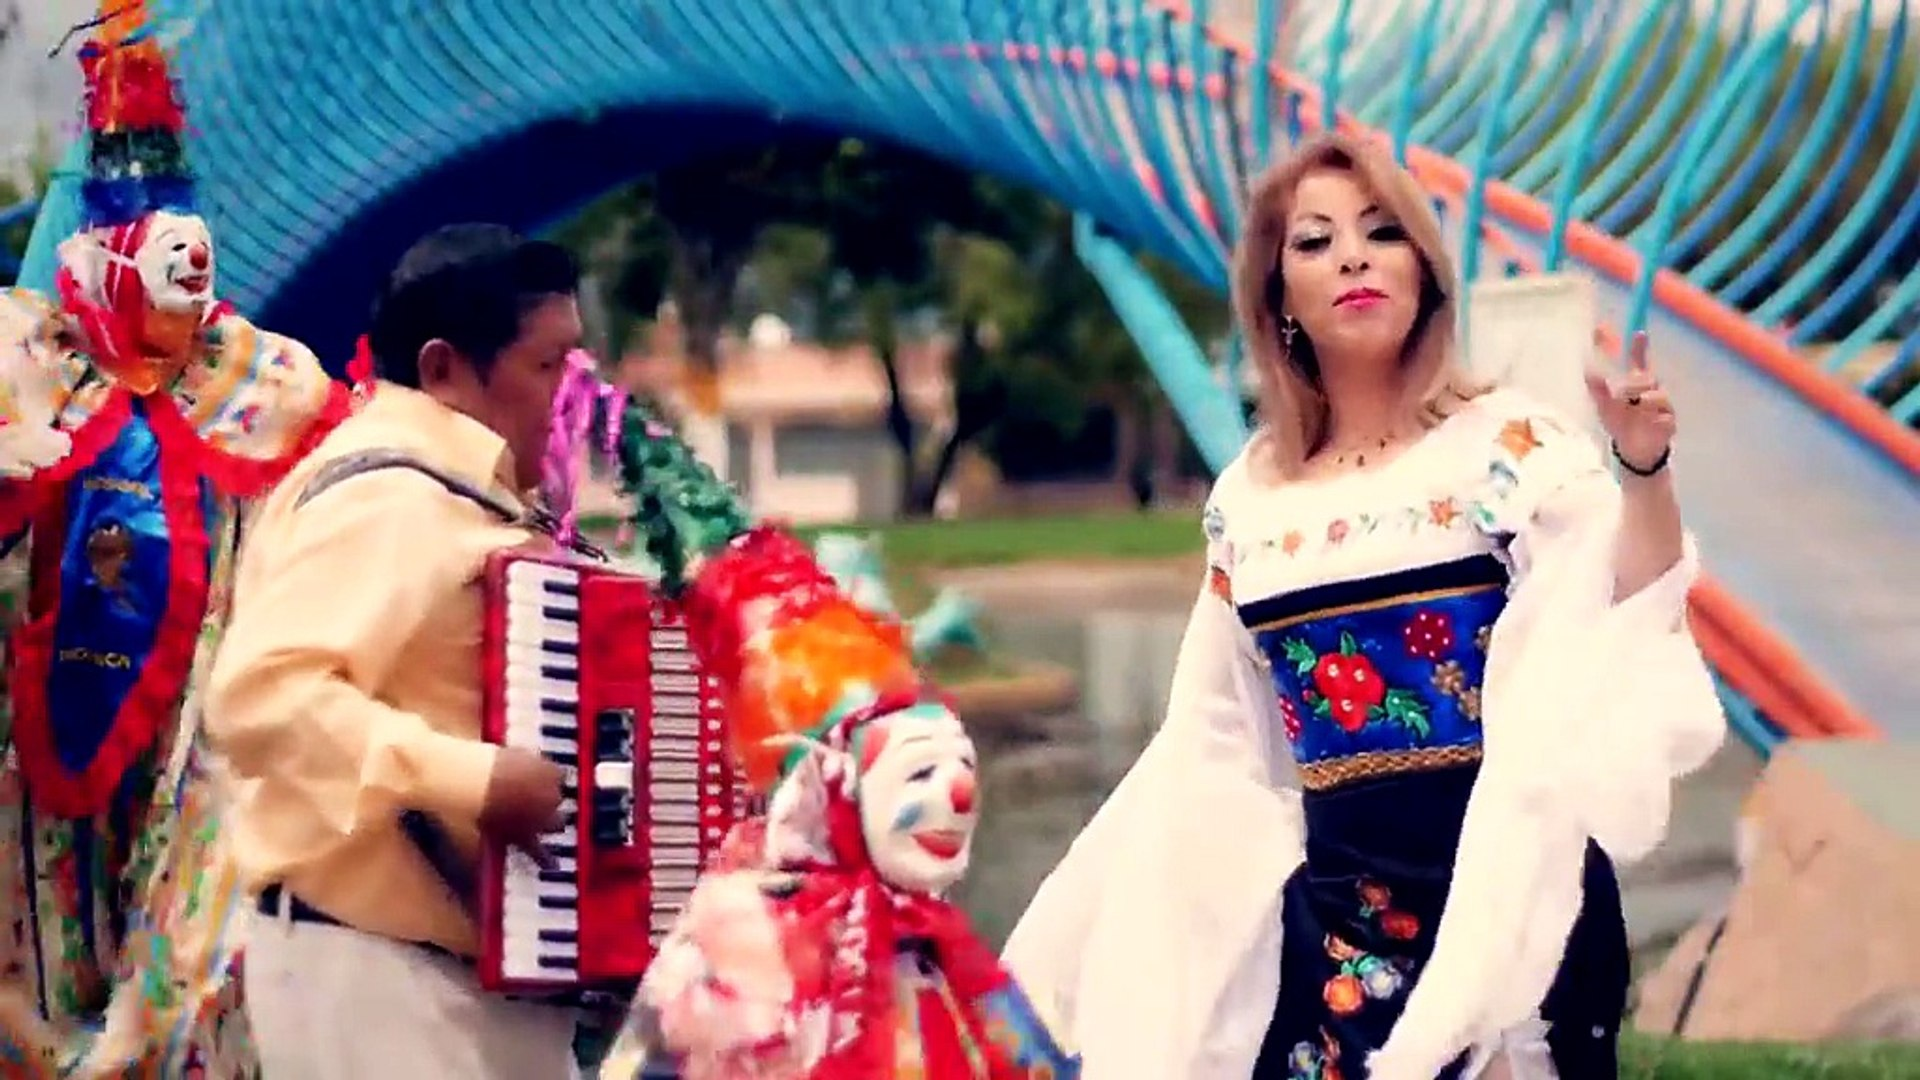 CHICHA FEST LATINA: Maria de los Ángeles; Miriancita; Banda 24 de Mayo; Yolanda & El Amo Wily y